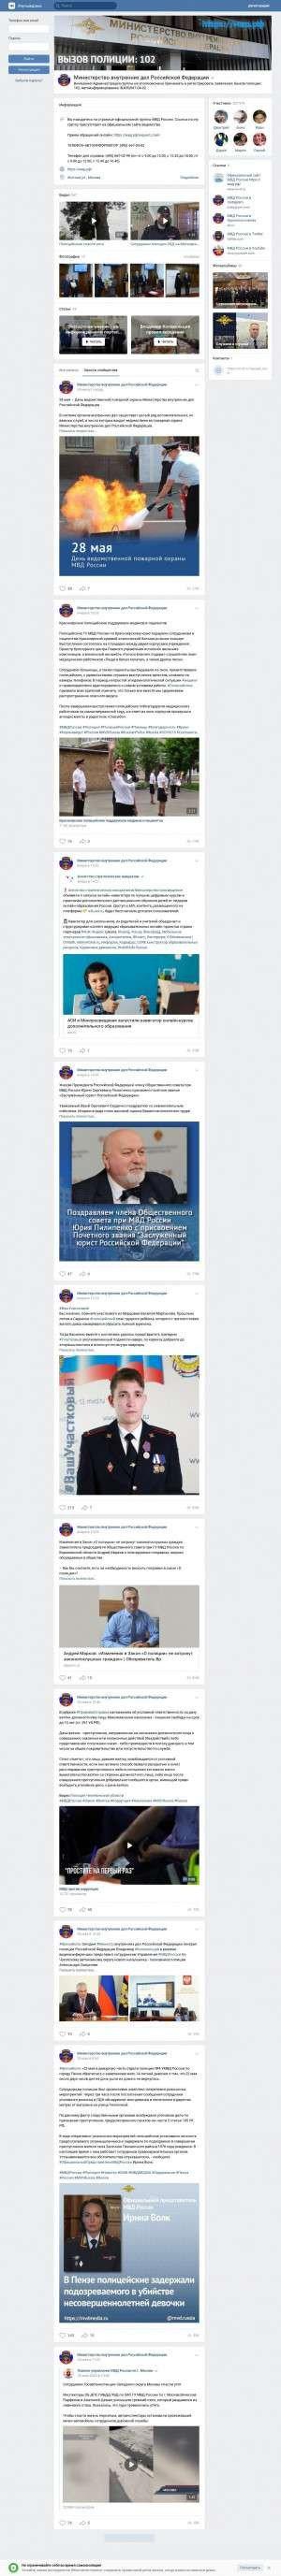 Предпросмотр для vk.com — Экспертно-криминалистический центр ГУ МВД по Красноярскому краю